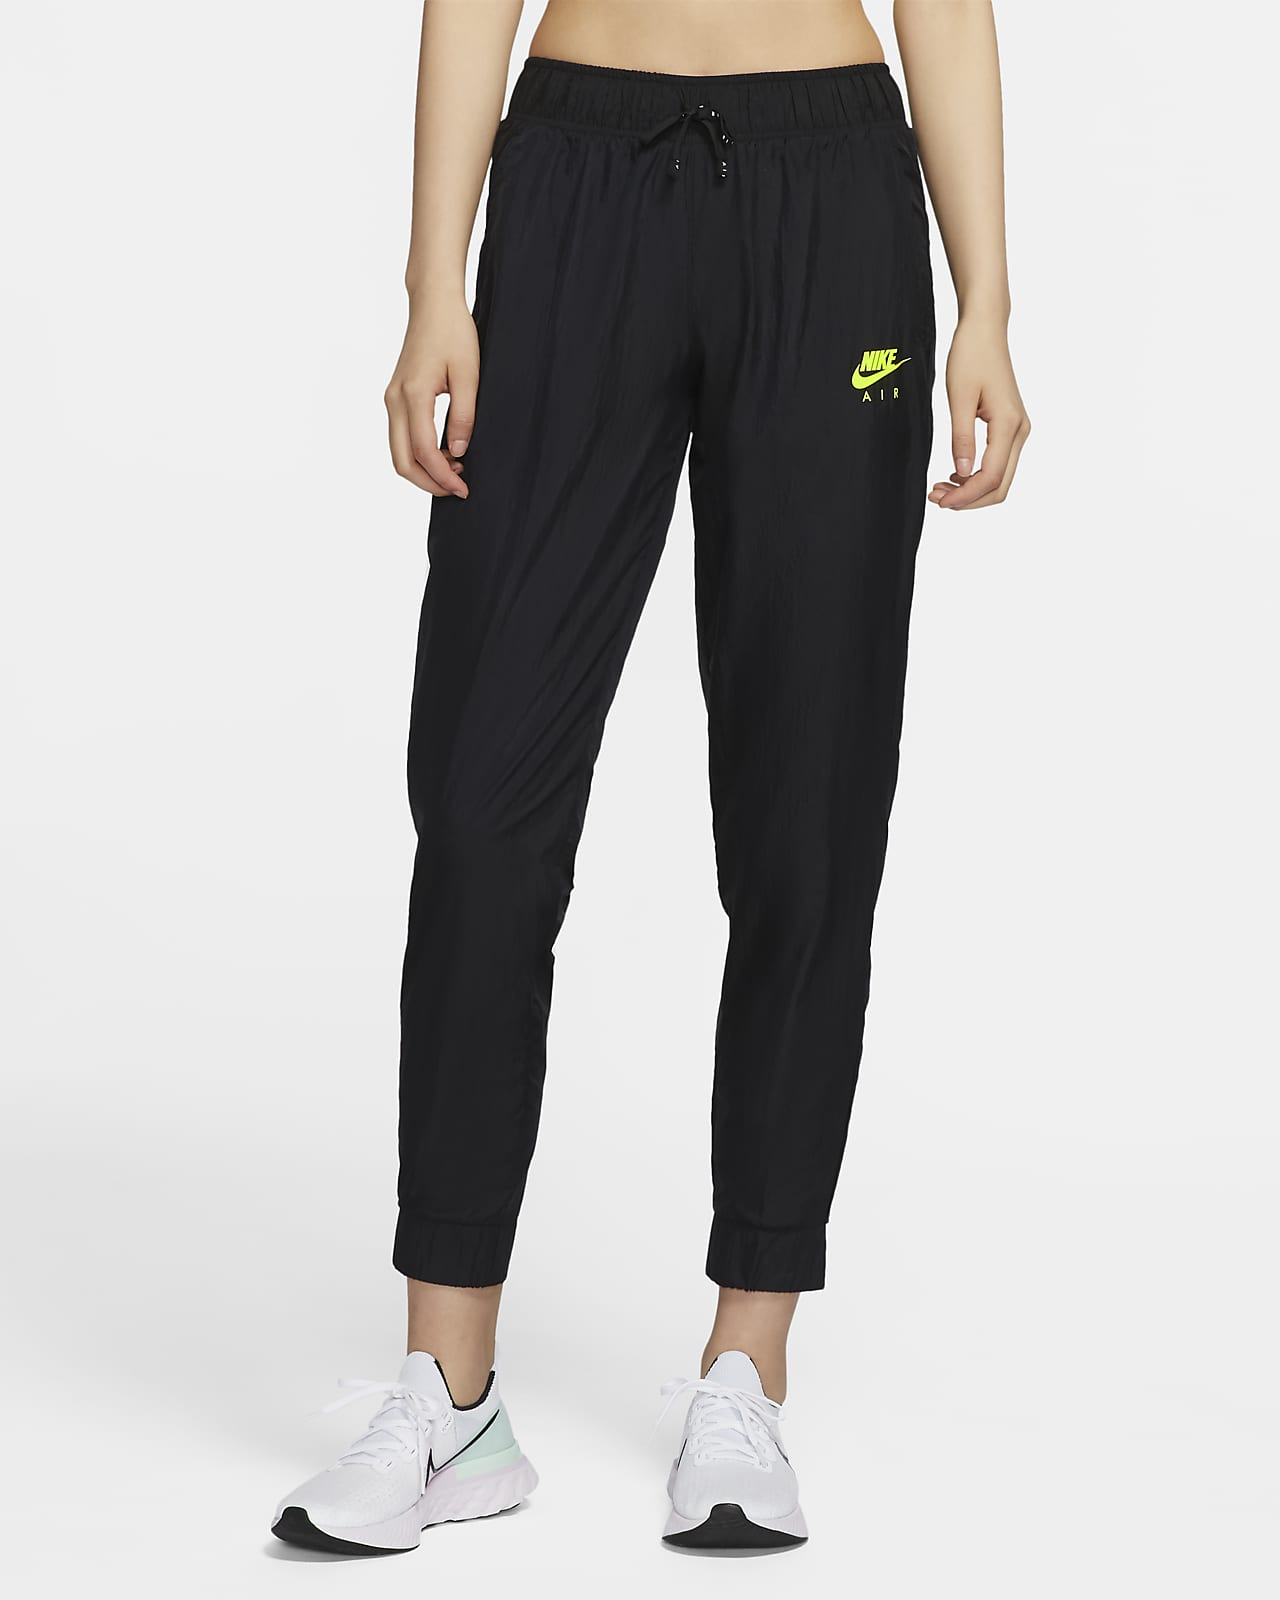 กางเกงวิ่งผู้หญิง Nike Air